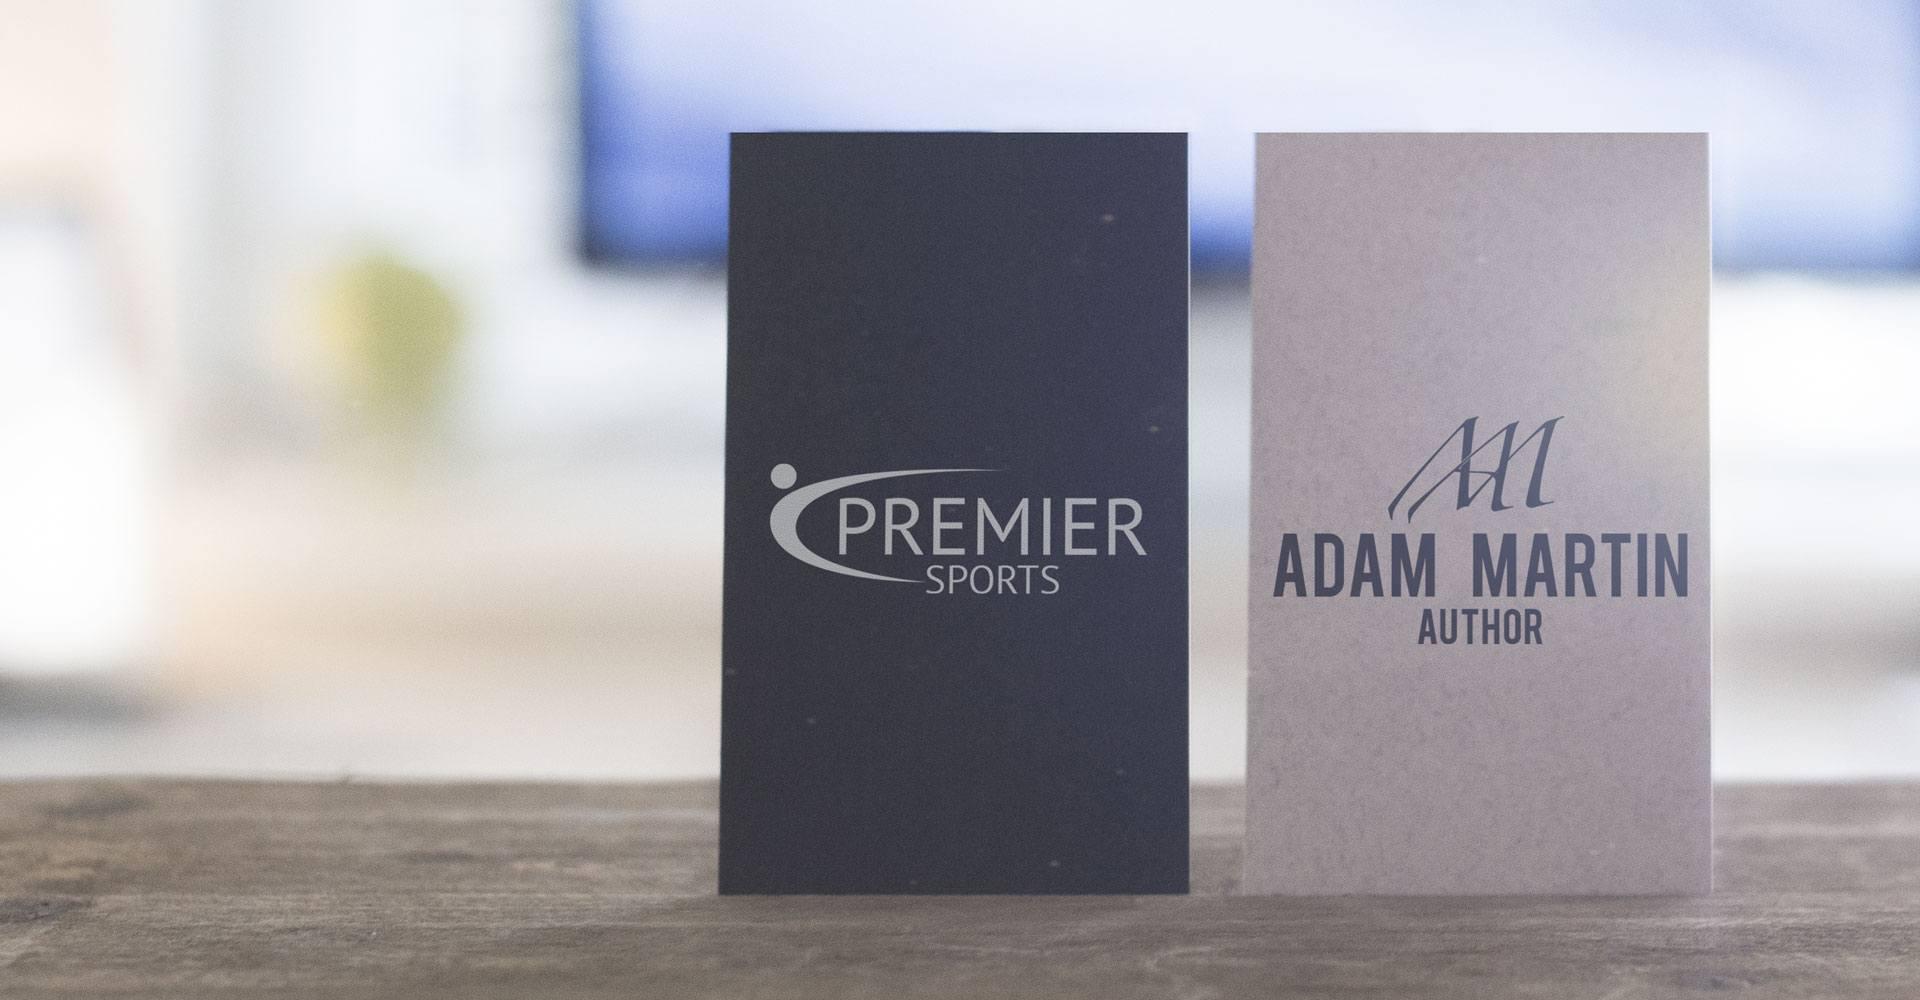 Branding Agency Devon